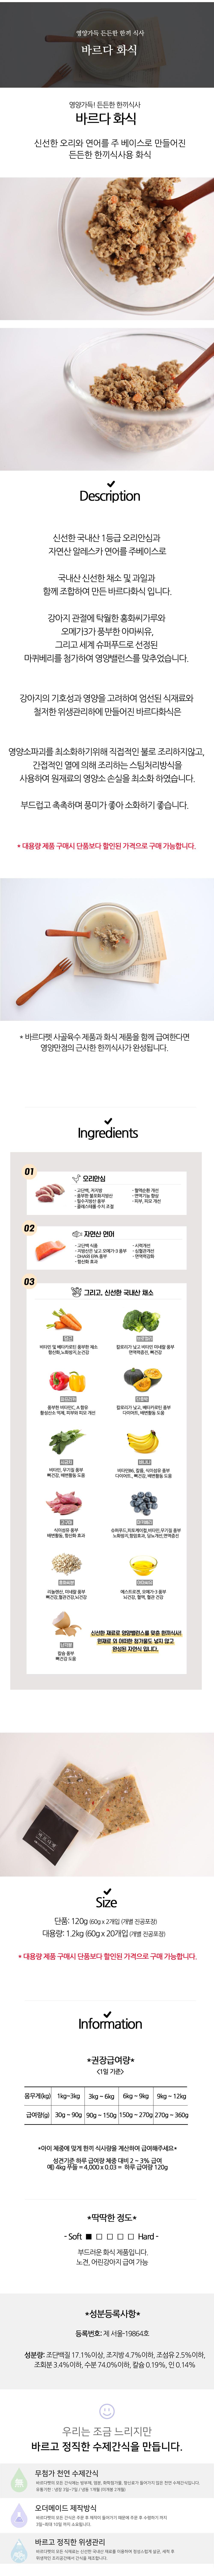 영양한끼 바르다화식 60g×20개 강아지화식 - 바르다펫, 54,500원, 간식/영양제, 수제간식